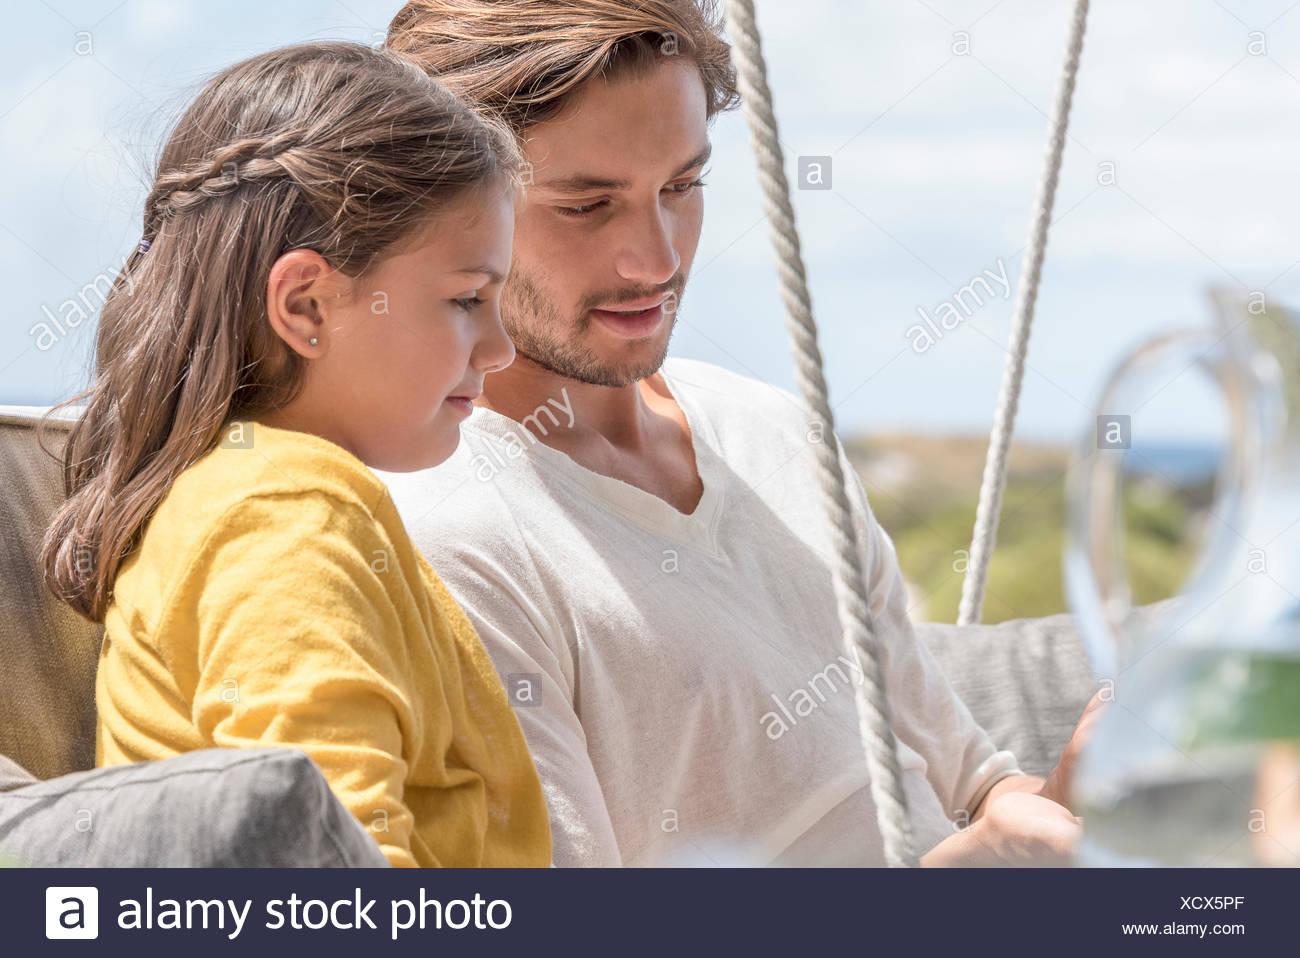 Glücklicher Vater mit seiner kleinen Tochter zusammen auf Schaukel Stuhl sitzend Stockbild